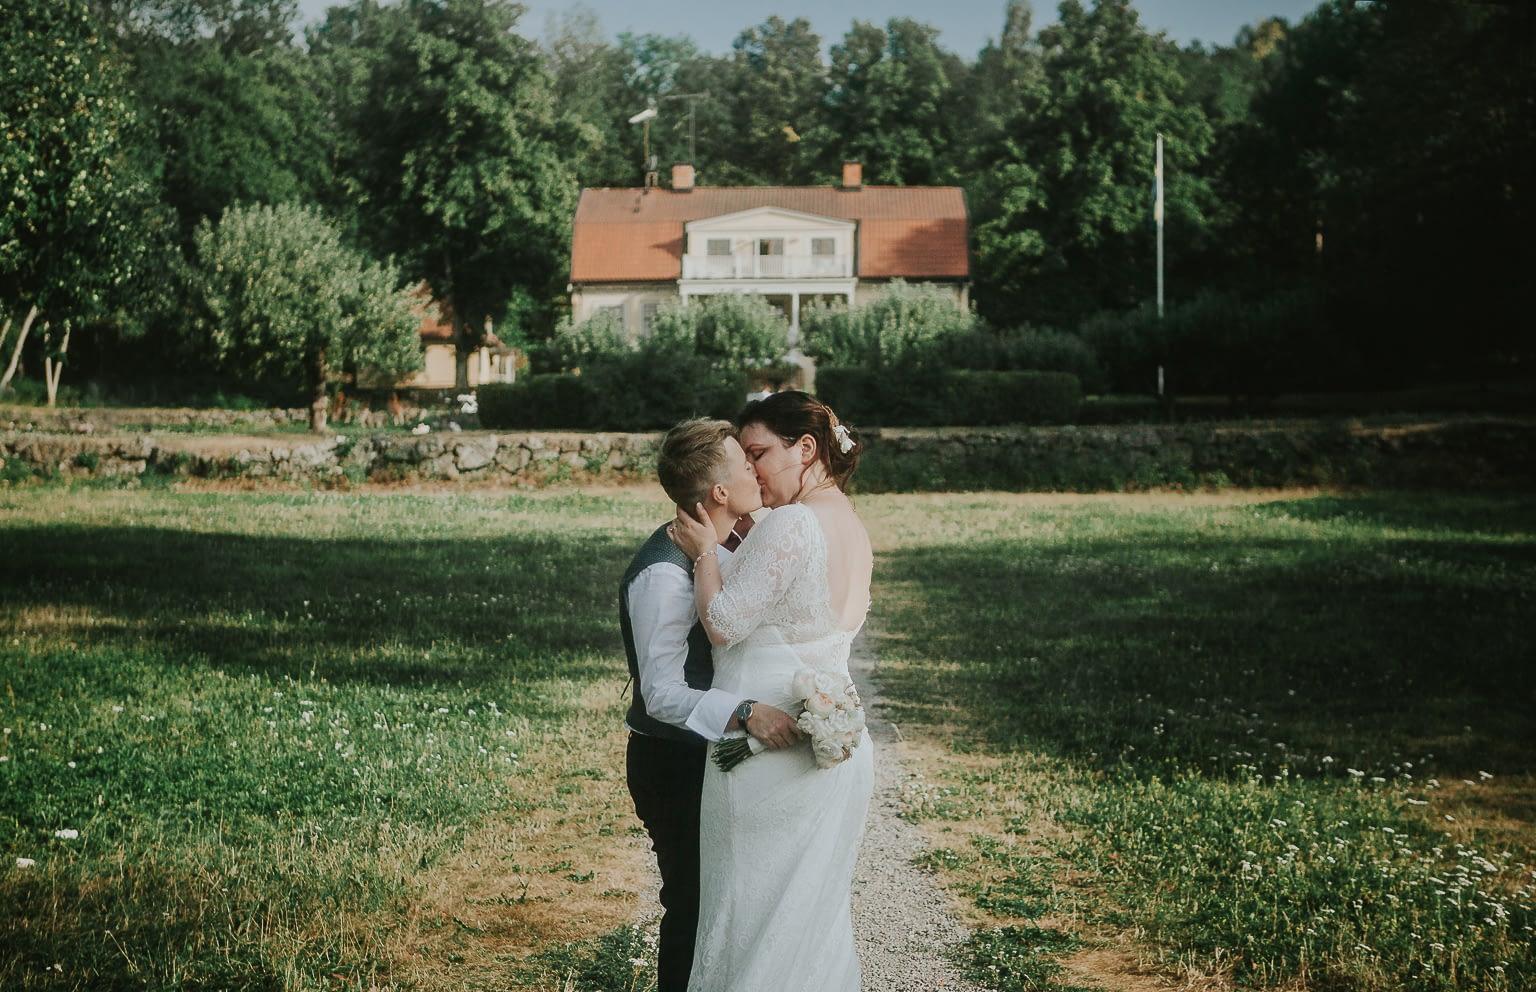 seance engagement et mariage lesbien